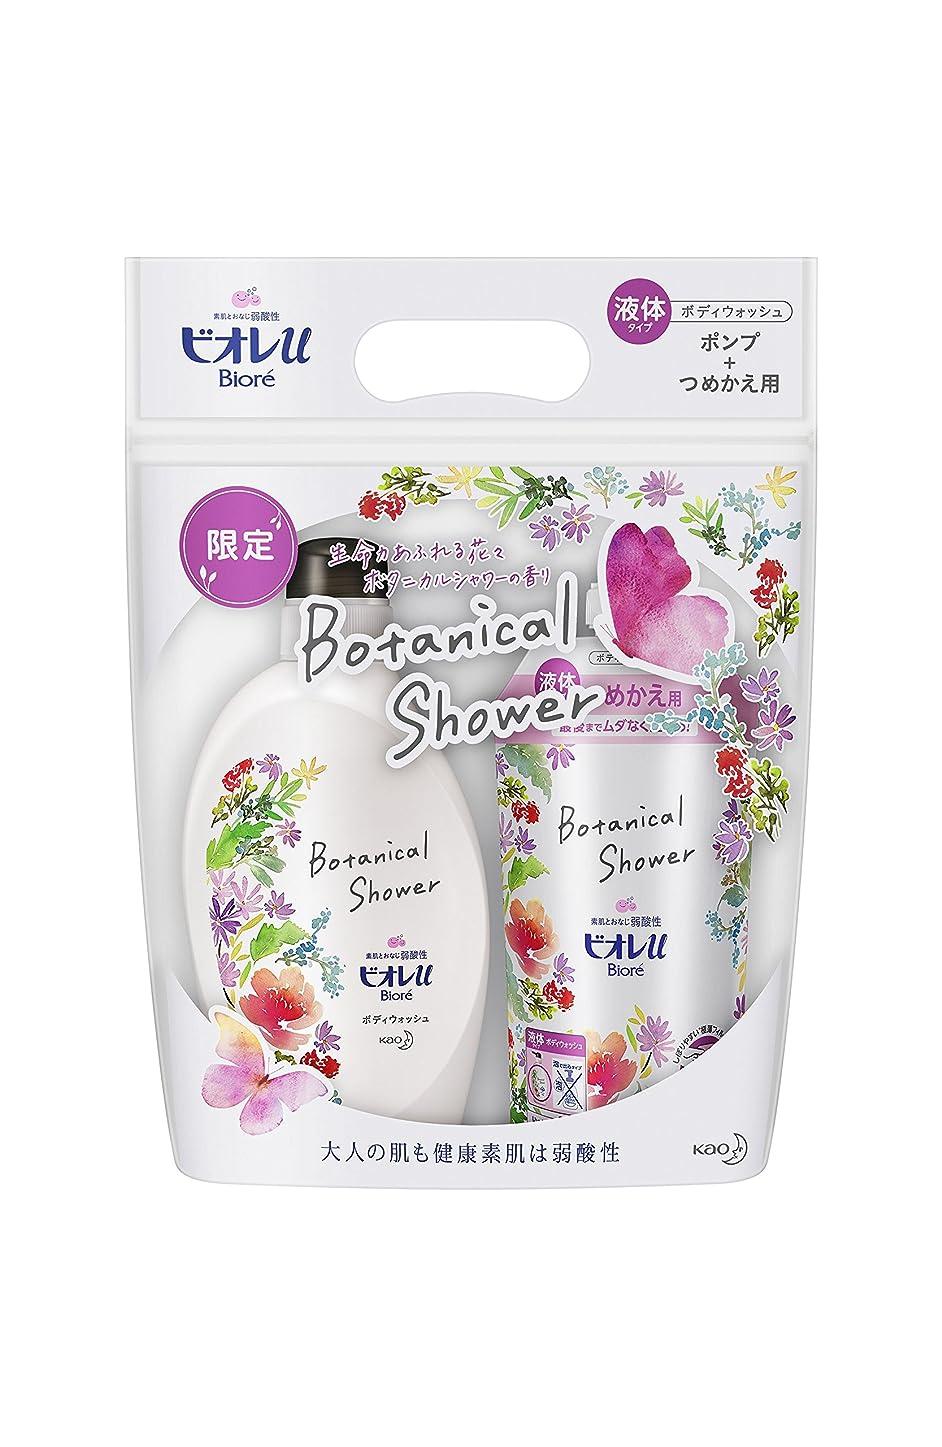 香水疑いキャラクタービオレu ボディウォッシュ ボタニカルシャワーの香り ポンプ+つめかえ用 (480ml+340ml)